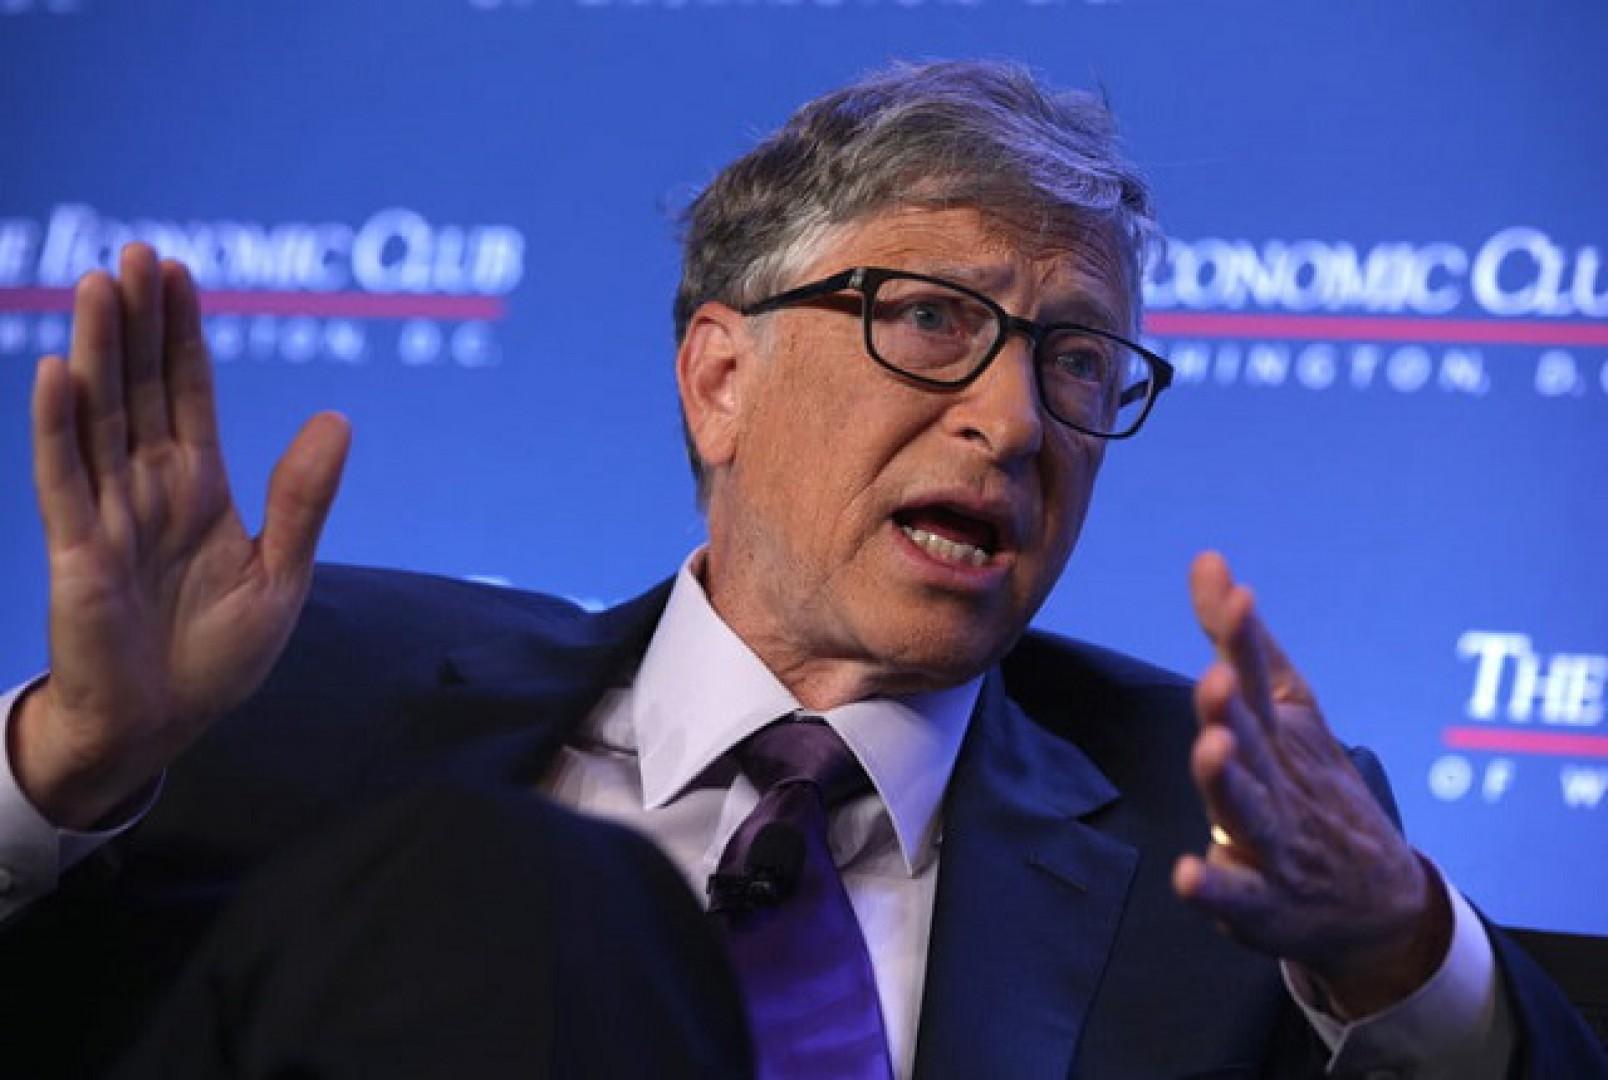 بیل گیتس: برای پایان دادن به قرنطینه به این چهار نوآوری نیازمندیم